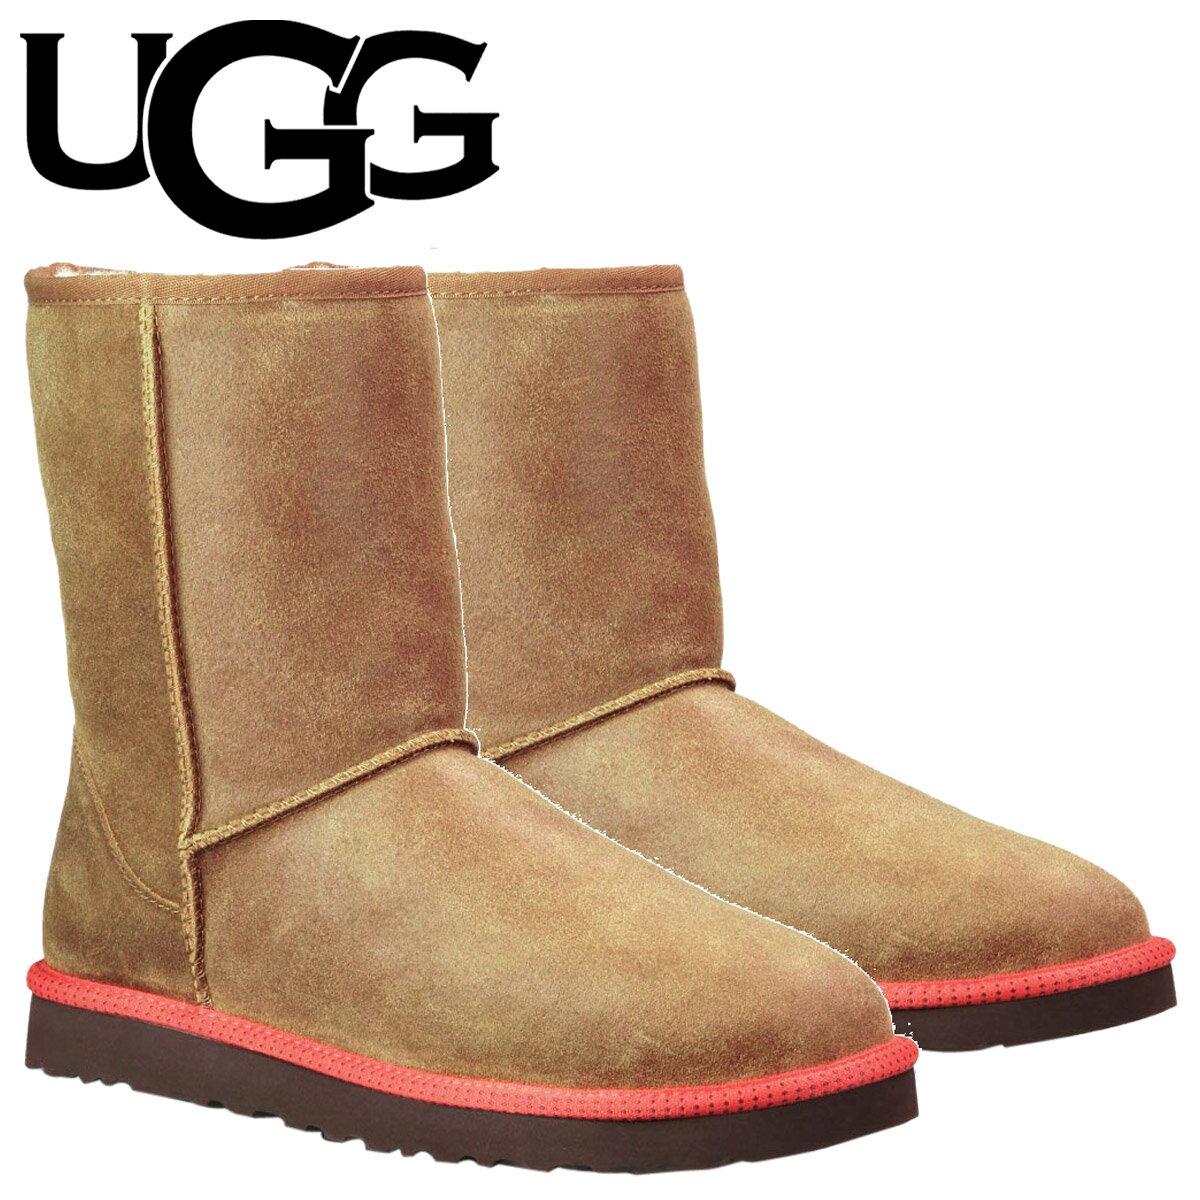 UGG アグ クラシック ショート メンズ ムートンブーツ  MENS CLASSIC SHORT  1003950 チェスナット [S10] [返品不可]